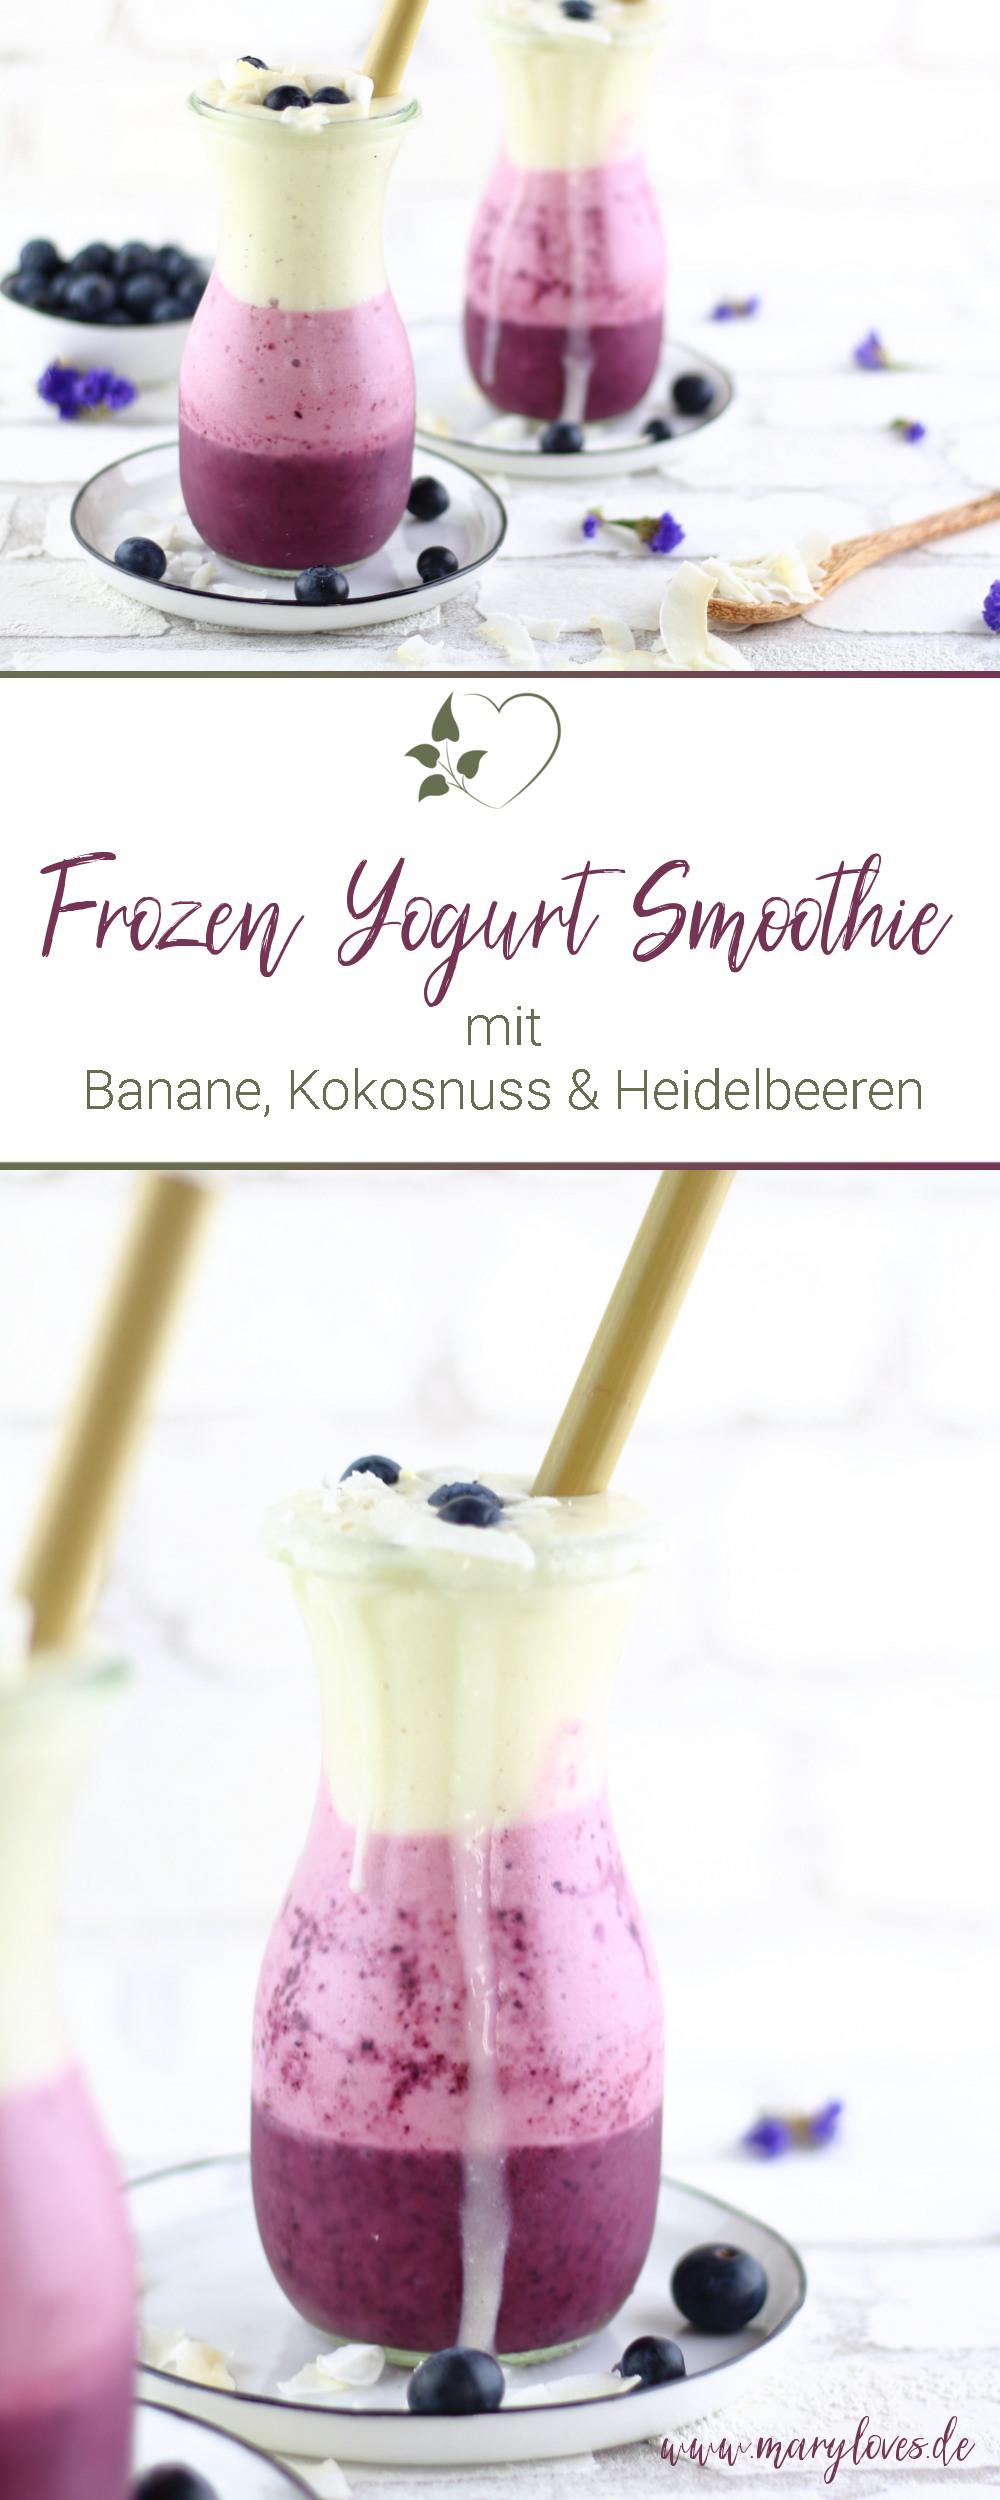 Frozen Yoghurt Smoothie mit Bananen und Heidelbeeren - #froyosmoothie #smoothie #frozenyogurtsmoothie #layeringsmoothie #frozenyogurt #heidelbeersmoothie #zuckerfrei